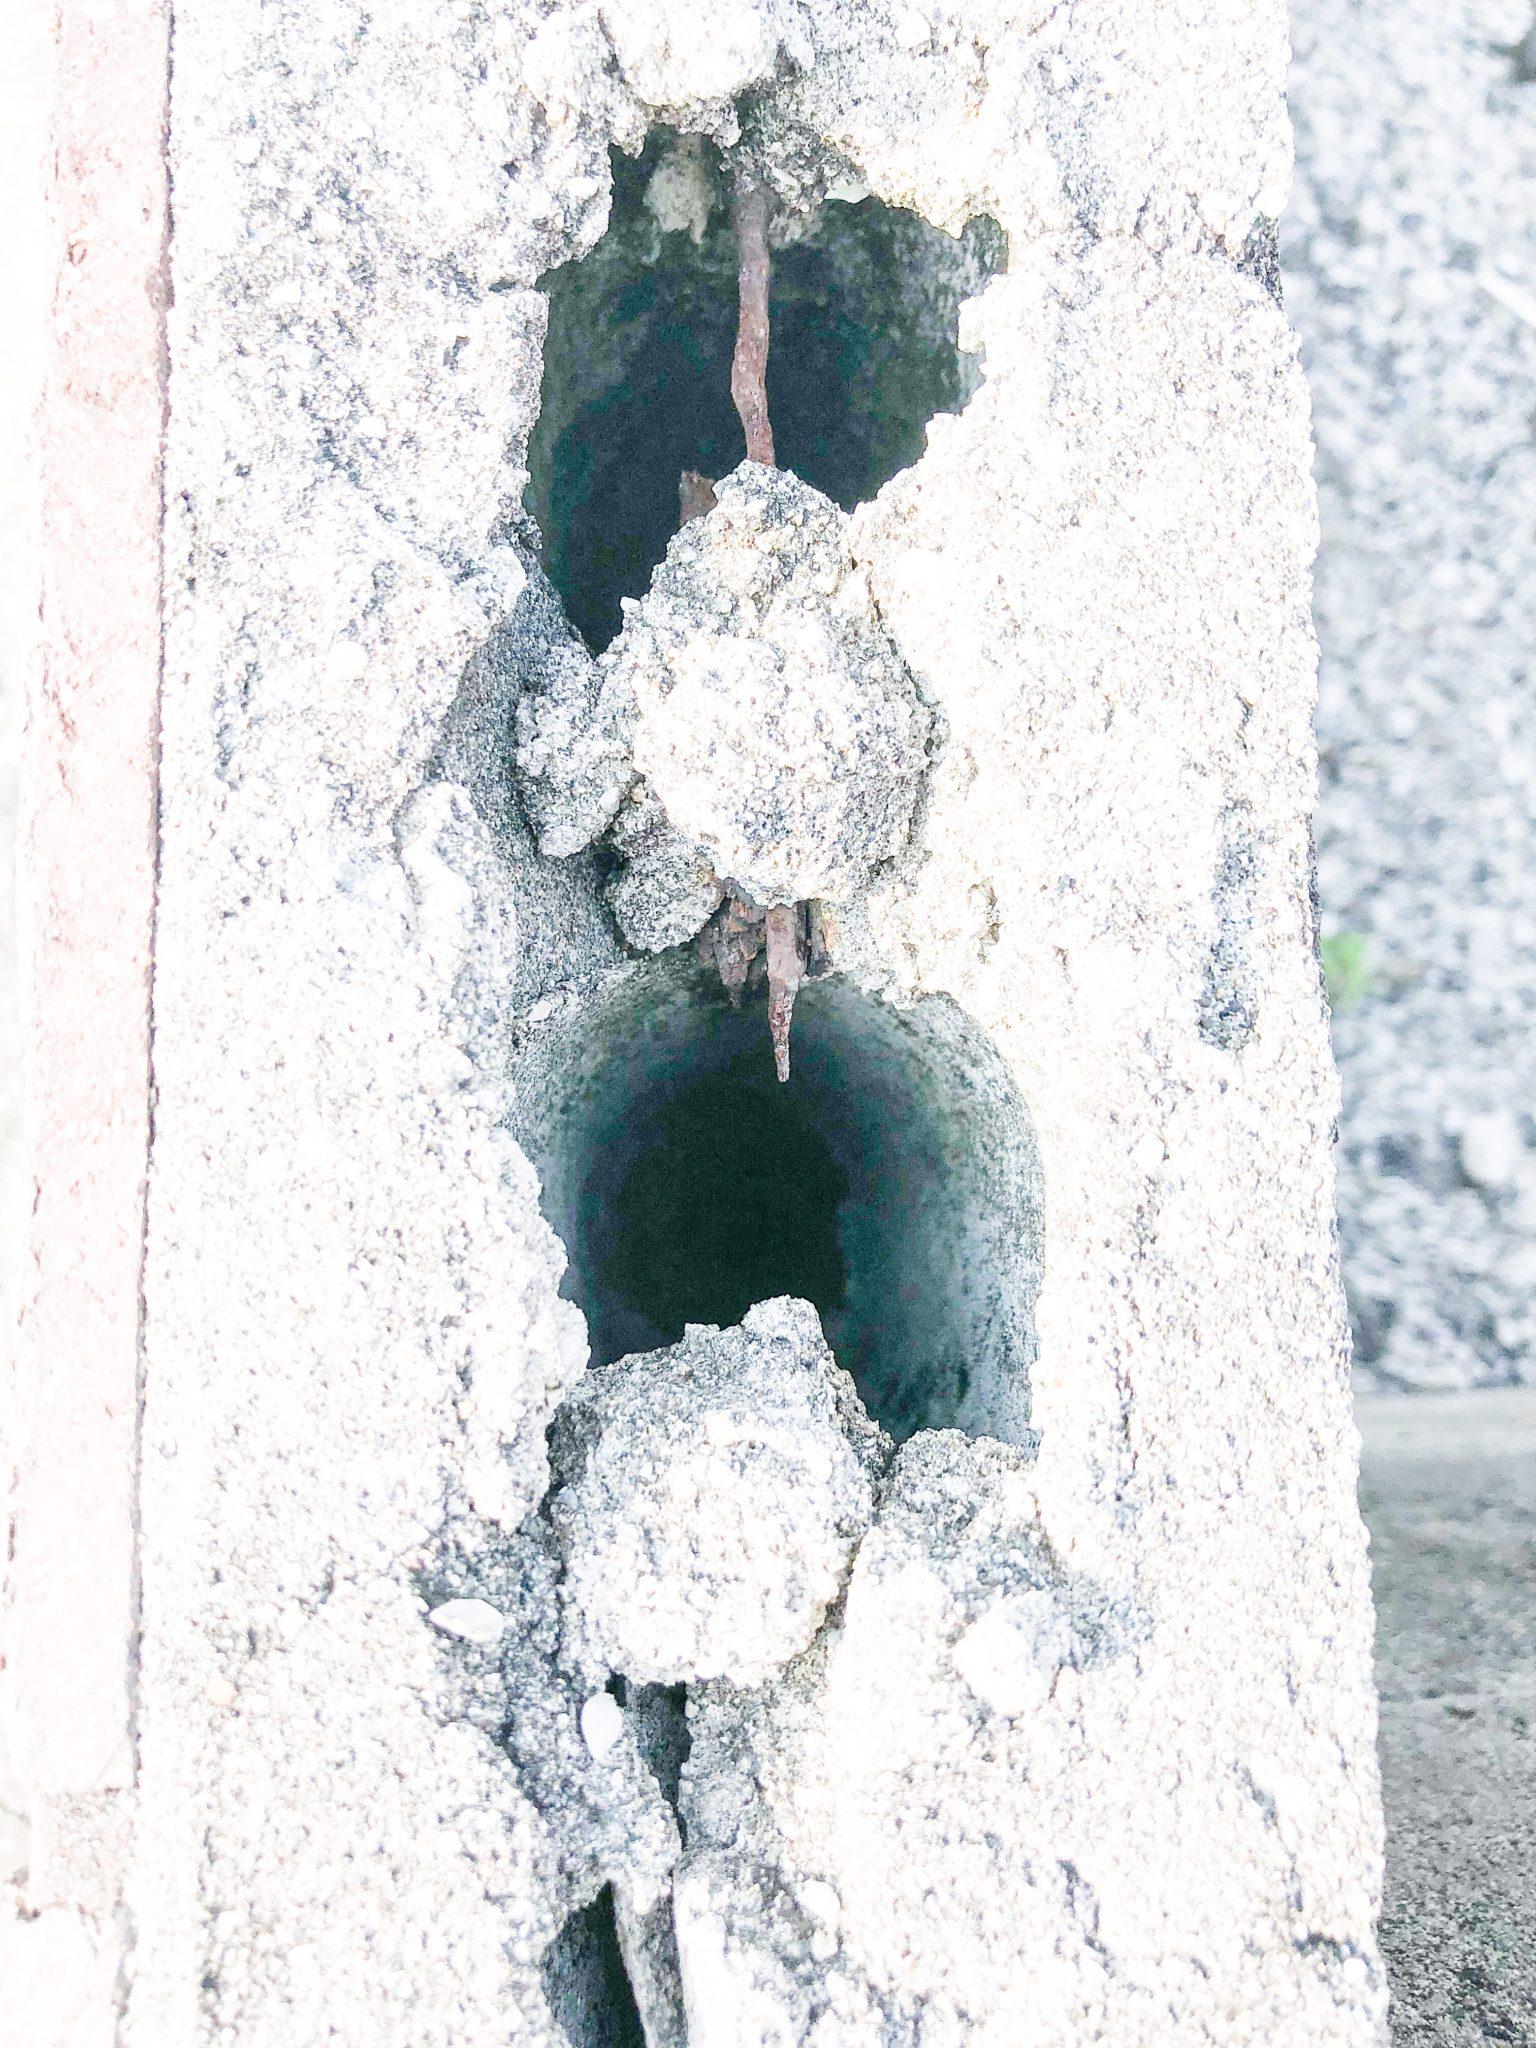 腐食した鉄筋【ブロック塀マニアックス 6】